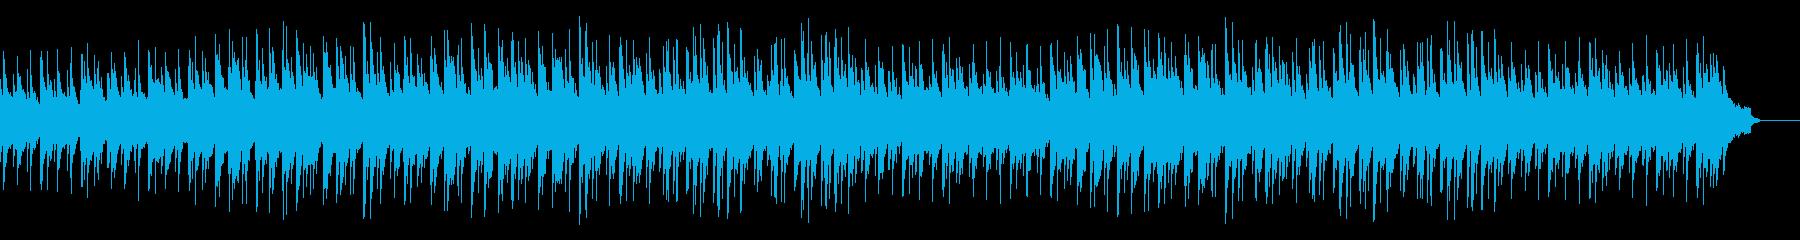 【ギター抜】一日の始まり、優しい曲の再生済みの波形